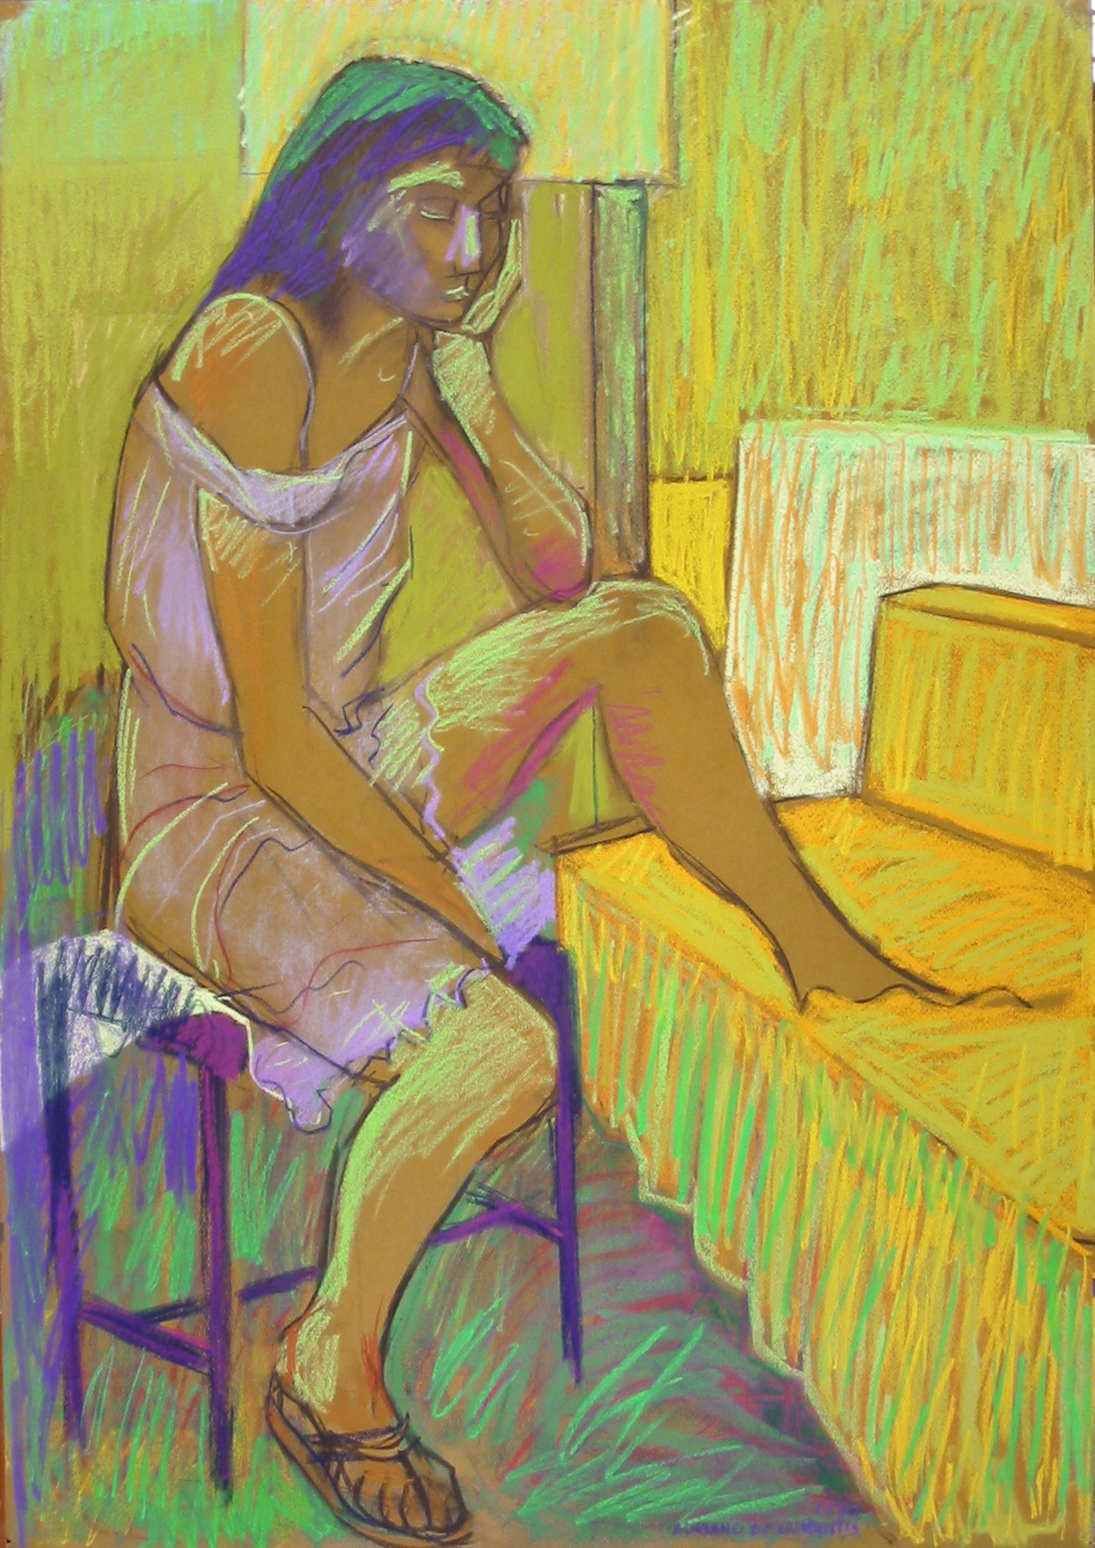 Senza Titolo - 1990 - Pastello su Cartoncino - 100x70